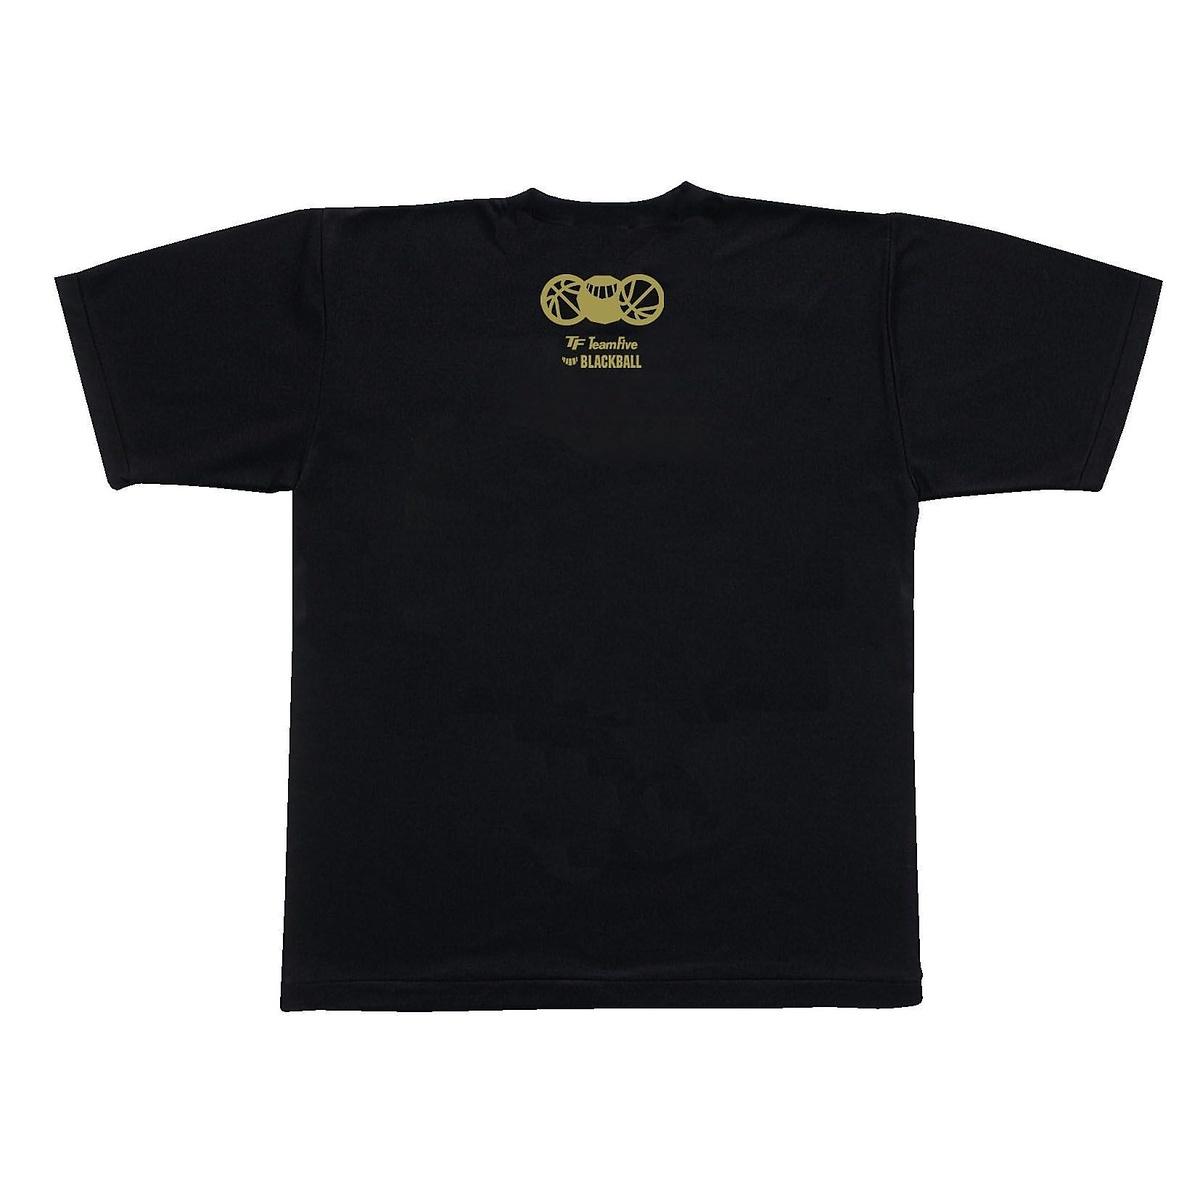 チームファイブ Tシャツ 「バスケットボール」【AT-9307】